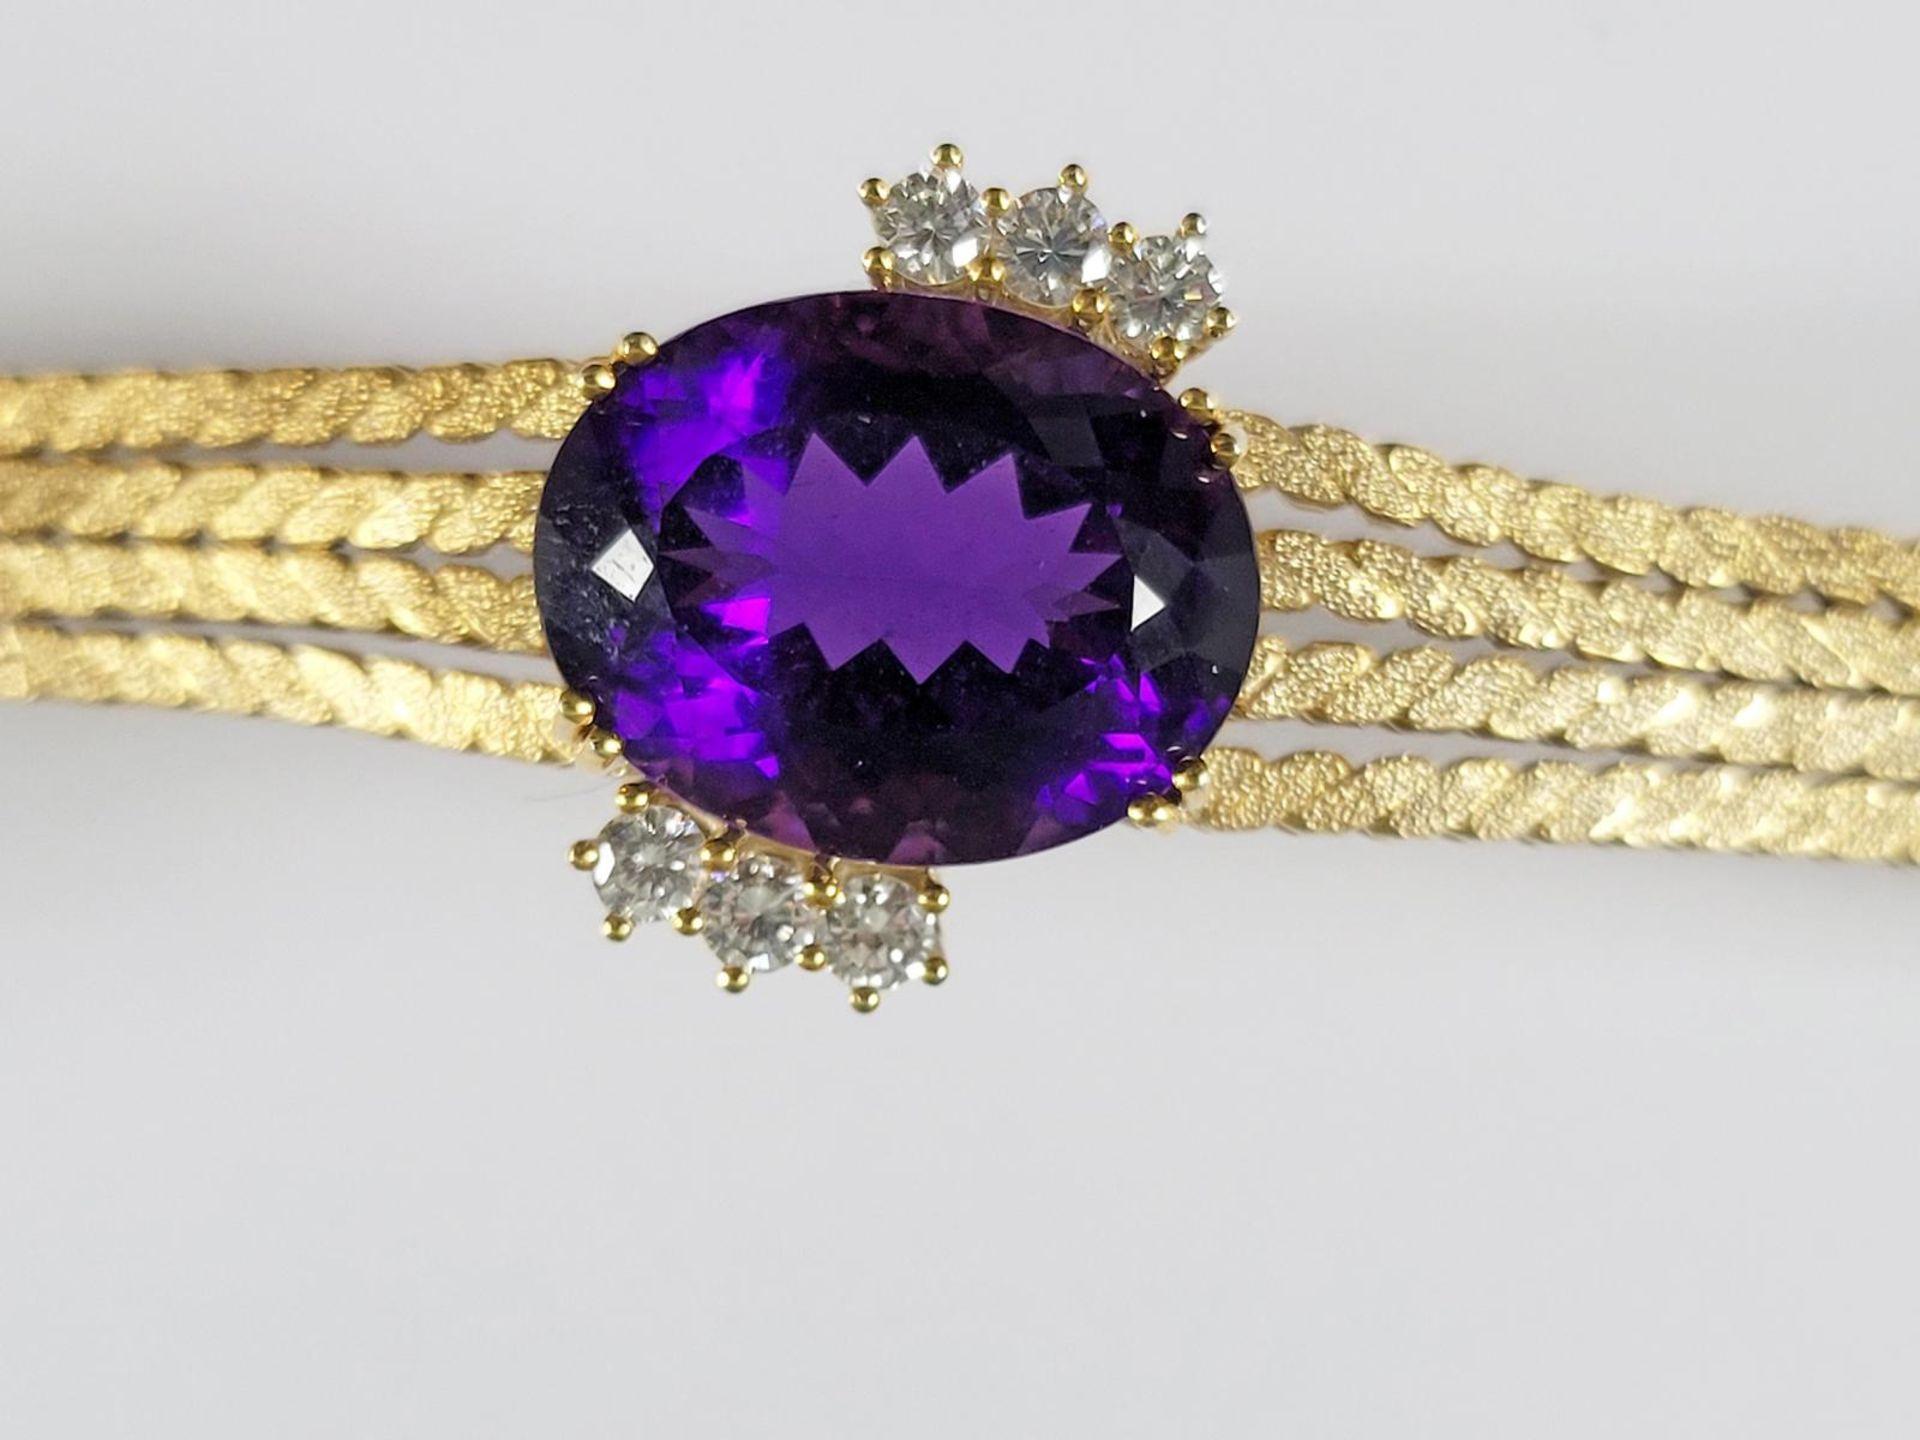 Damenarmband mit großem, facettierten Amethyst und Diamanten, 14 Karat Gelbgold - Bild 2 aus 7